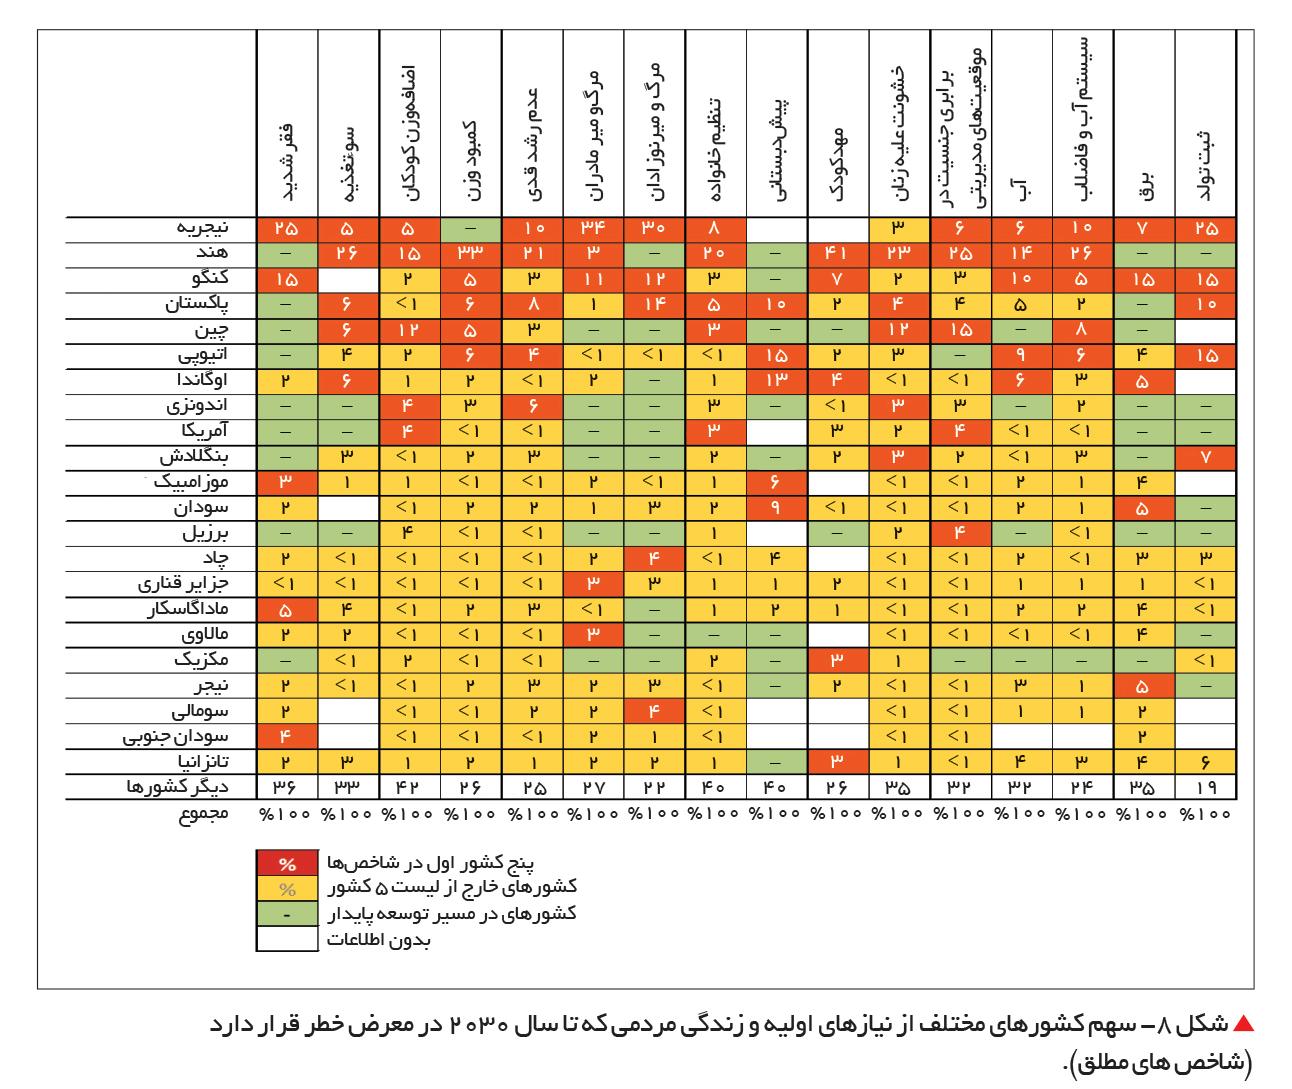 تجارت- فردا-  شکل 8- سهم کشورهای مختلف از نیازهای اولیه و زندگی مردمی که تا سال 2030 در معرض خطر قرار دارد  (شاخص های مطلق).